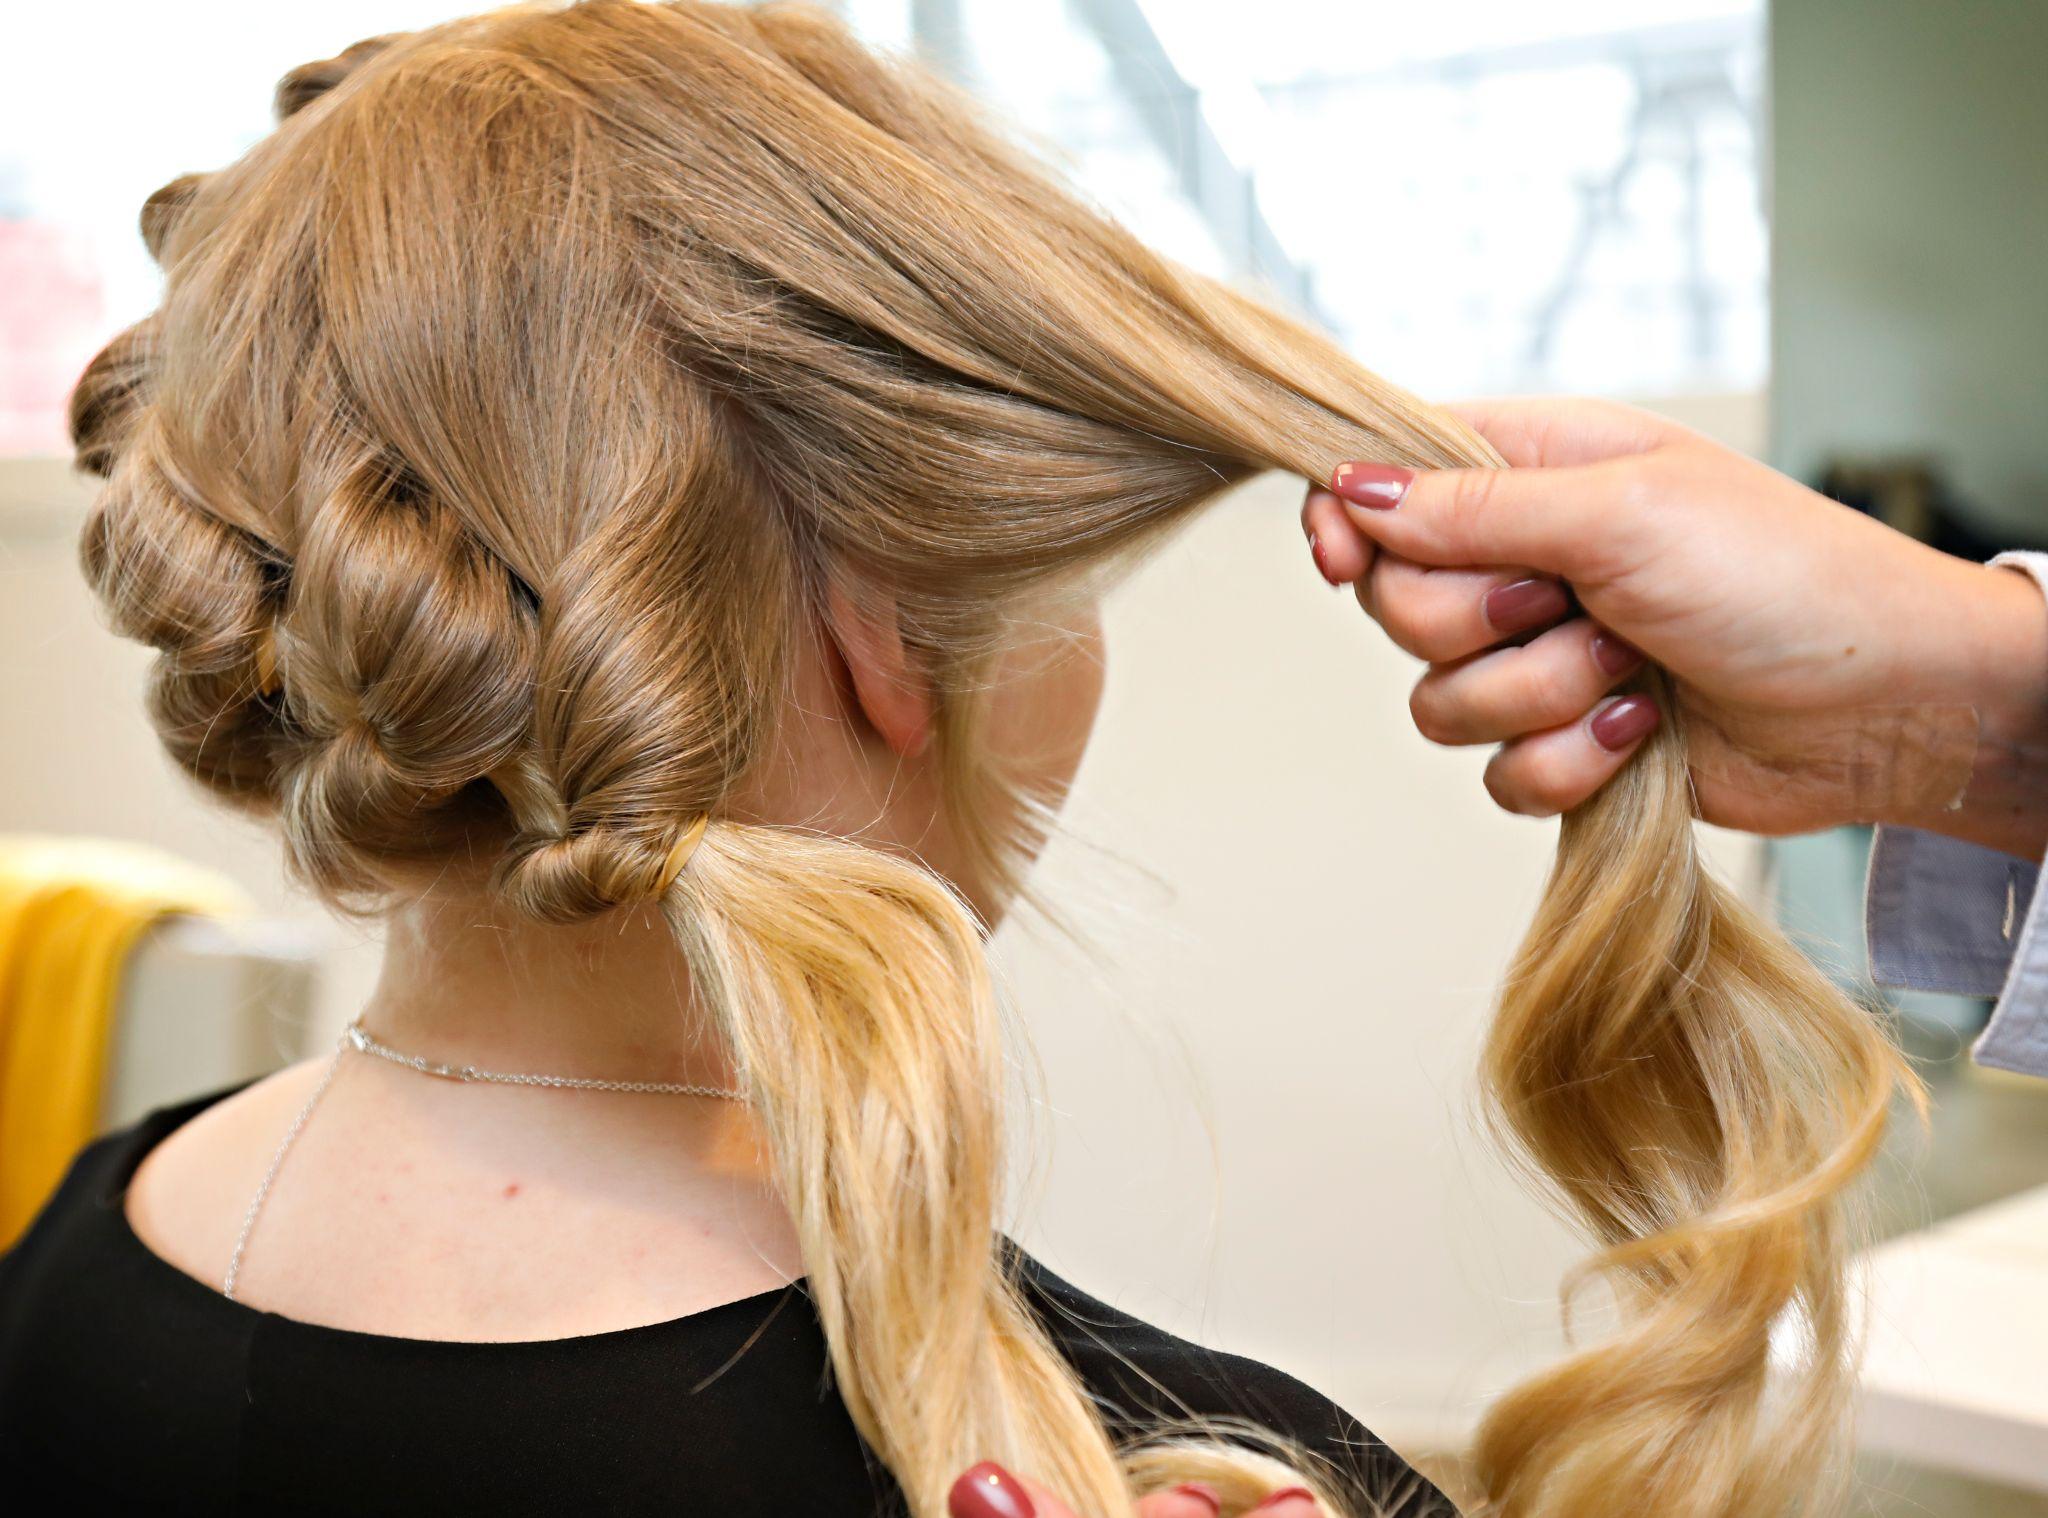 Når du kommer til motsatt side av nakken, fester du det løse håret med en ny strikk bak øret.